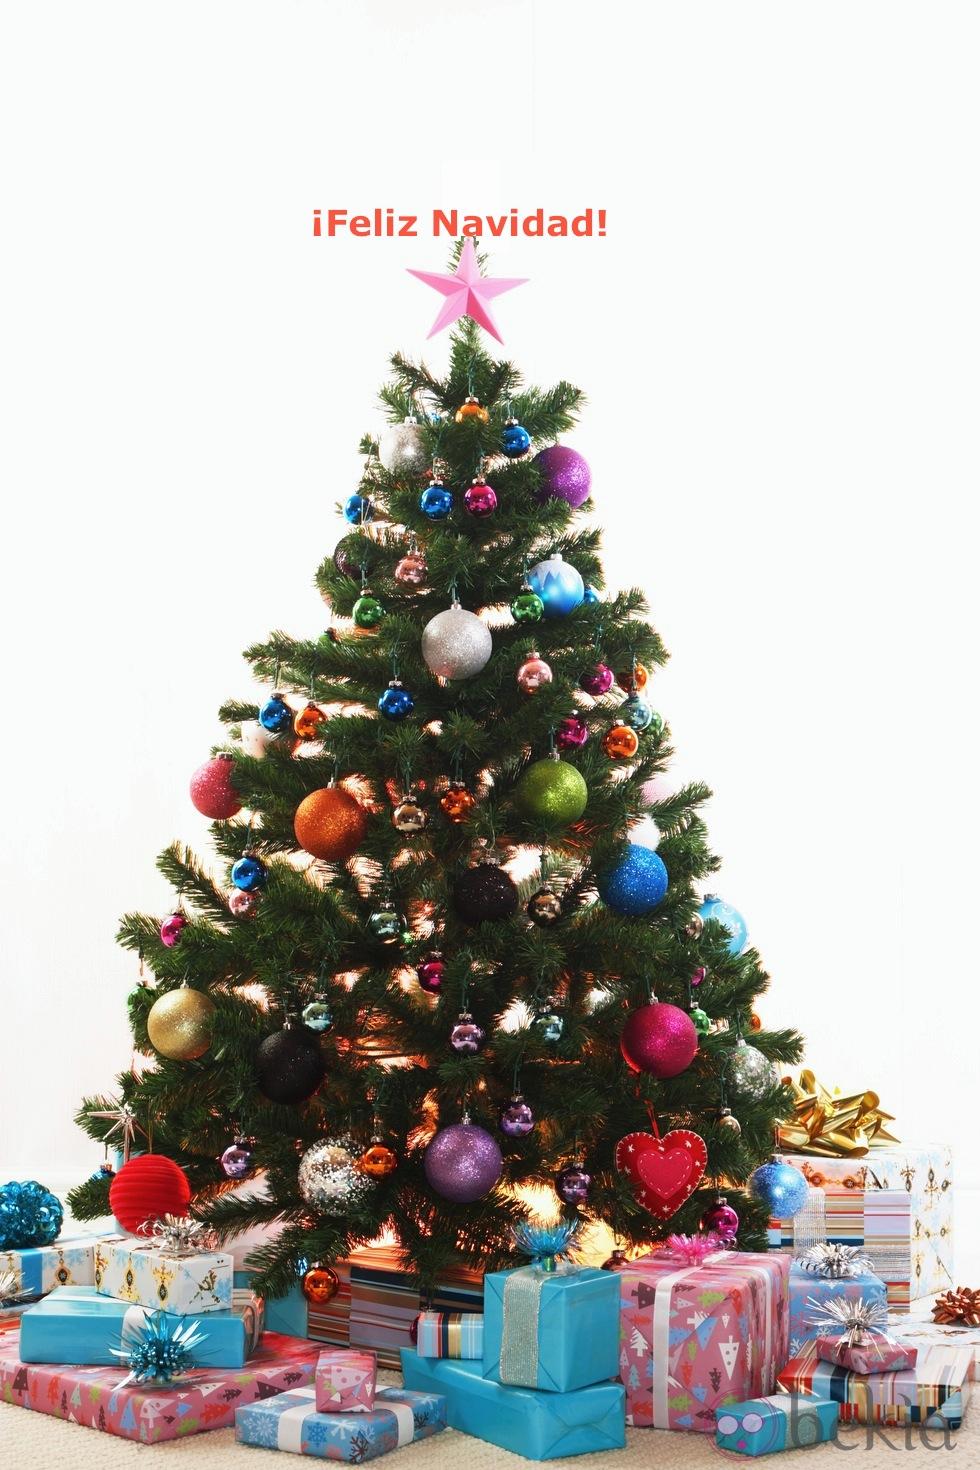 El color comunica significado del arbol de navidad - Imagenes de arboles navidad decorados ...